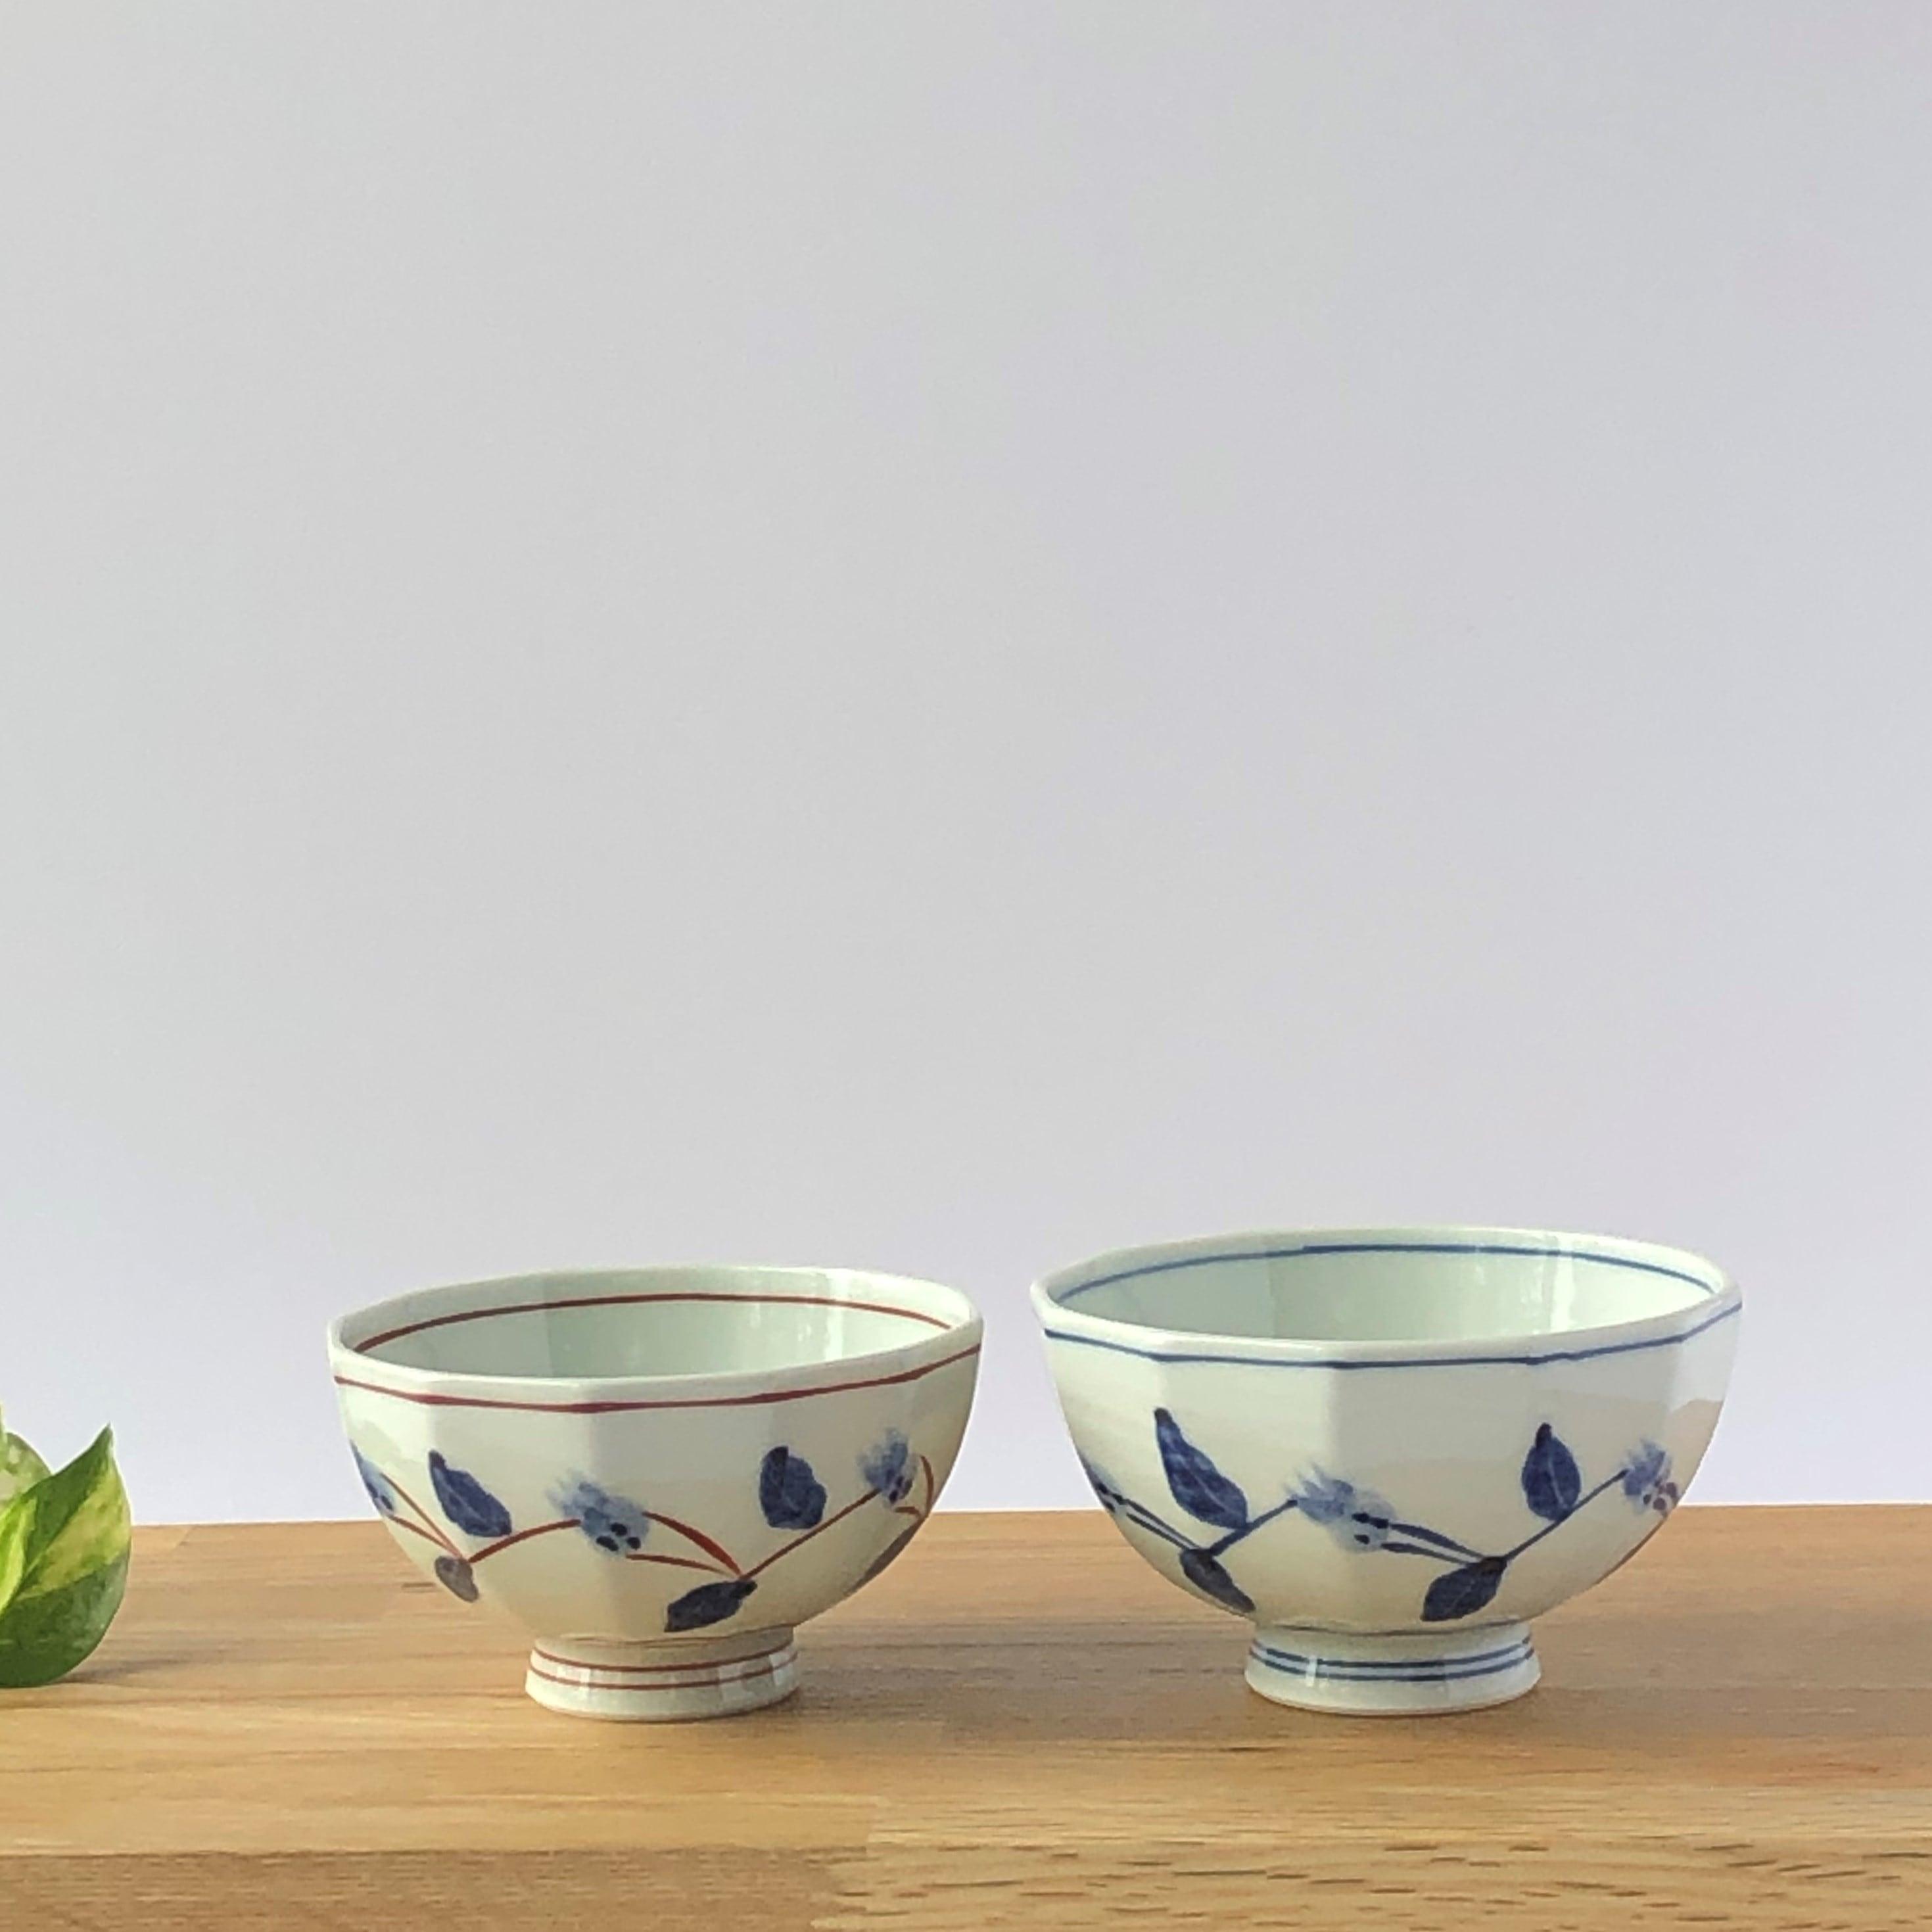 有田焼【for you】 おそろい茶碗 めぐり華 (赤Or青) 製造:江口製陶所